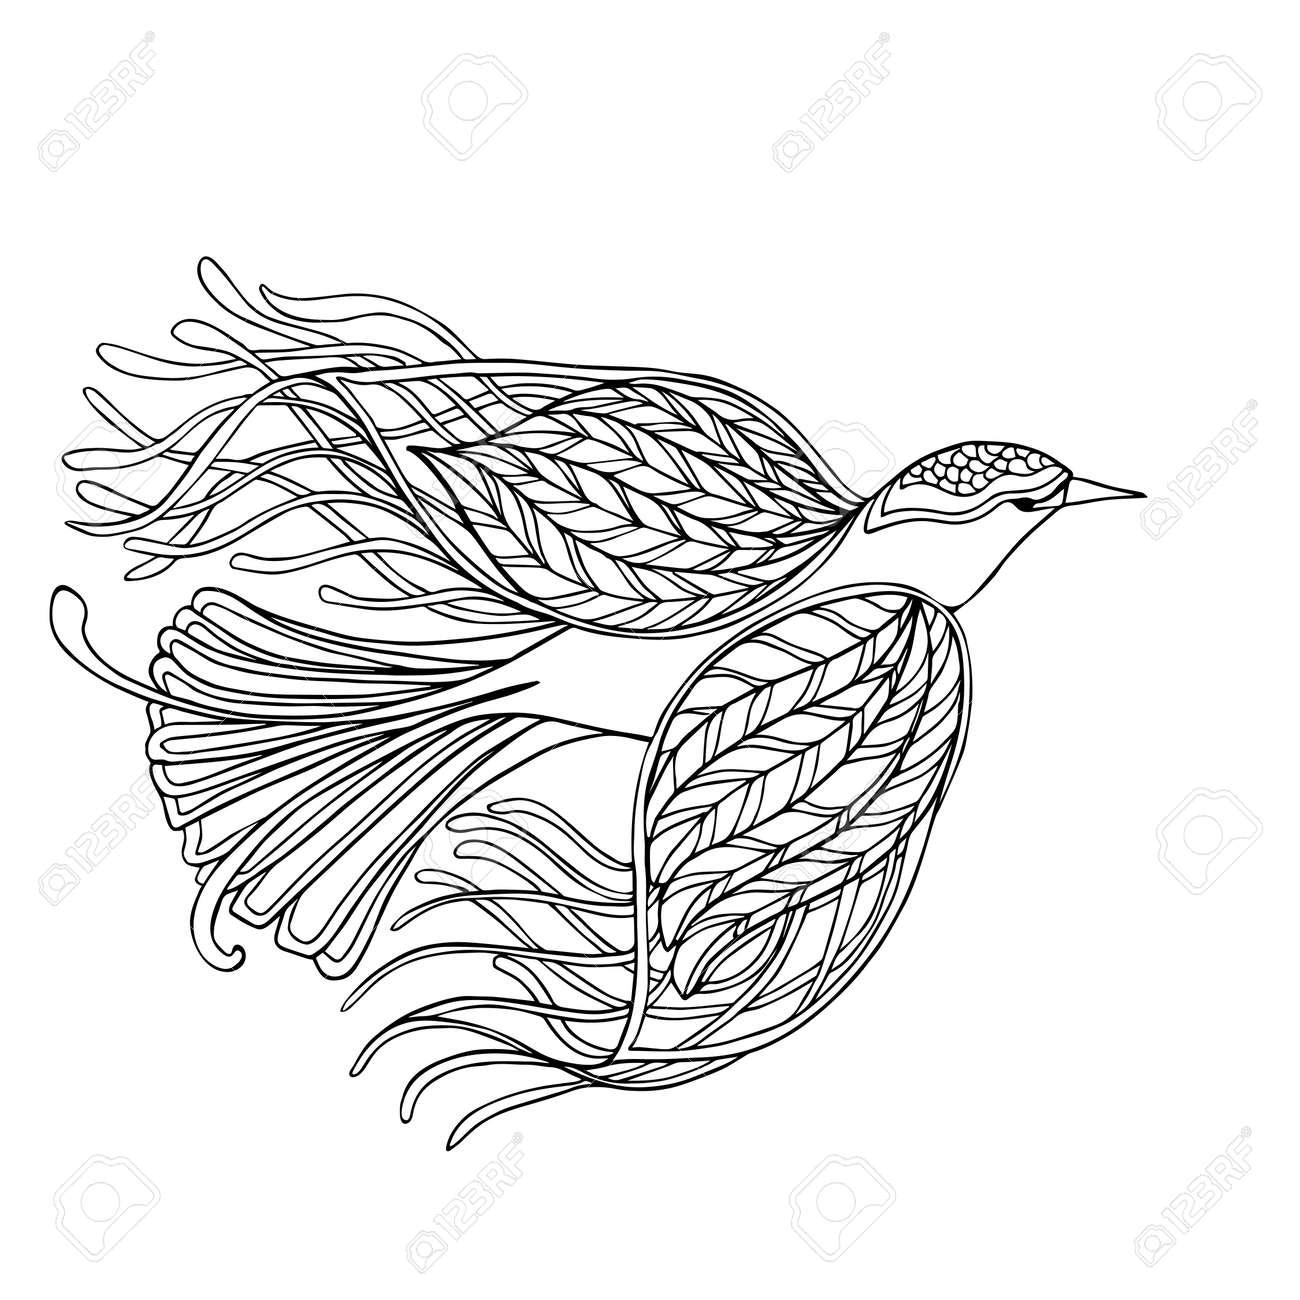 Oiseau Décoratif Livre à Colorier Pour Les Adultes Et Les Enfants Plus âgés Coloriage Dessin Au Trait Vector Illustration